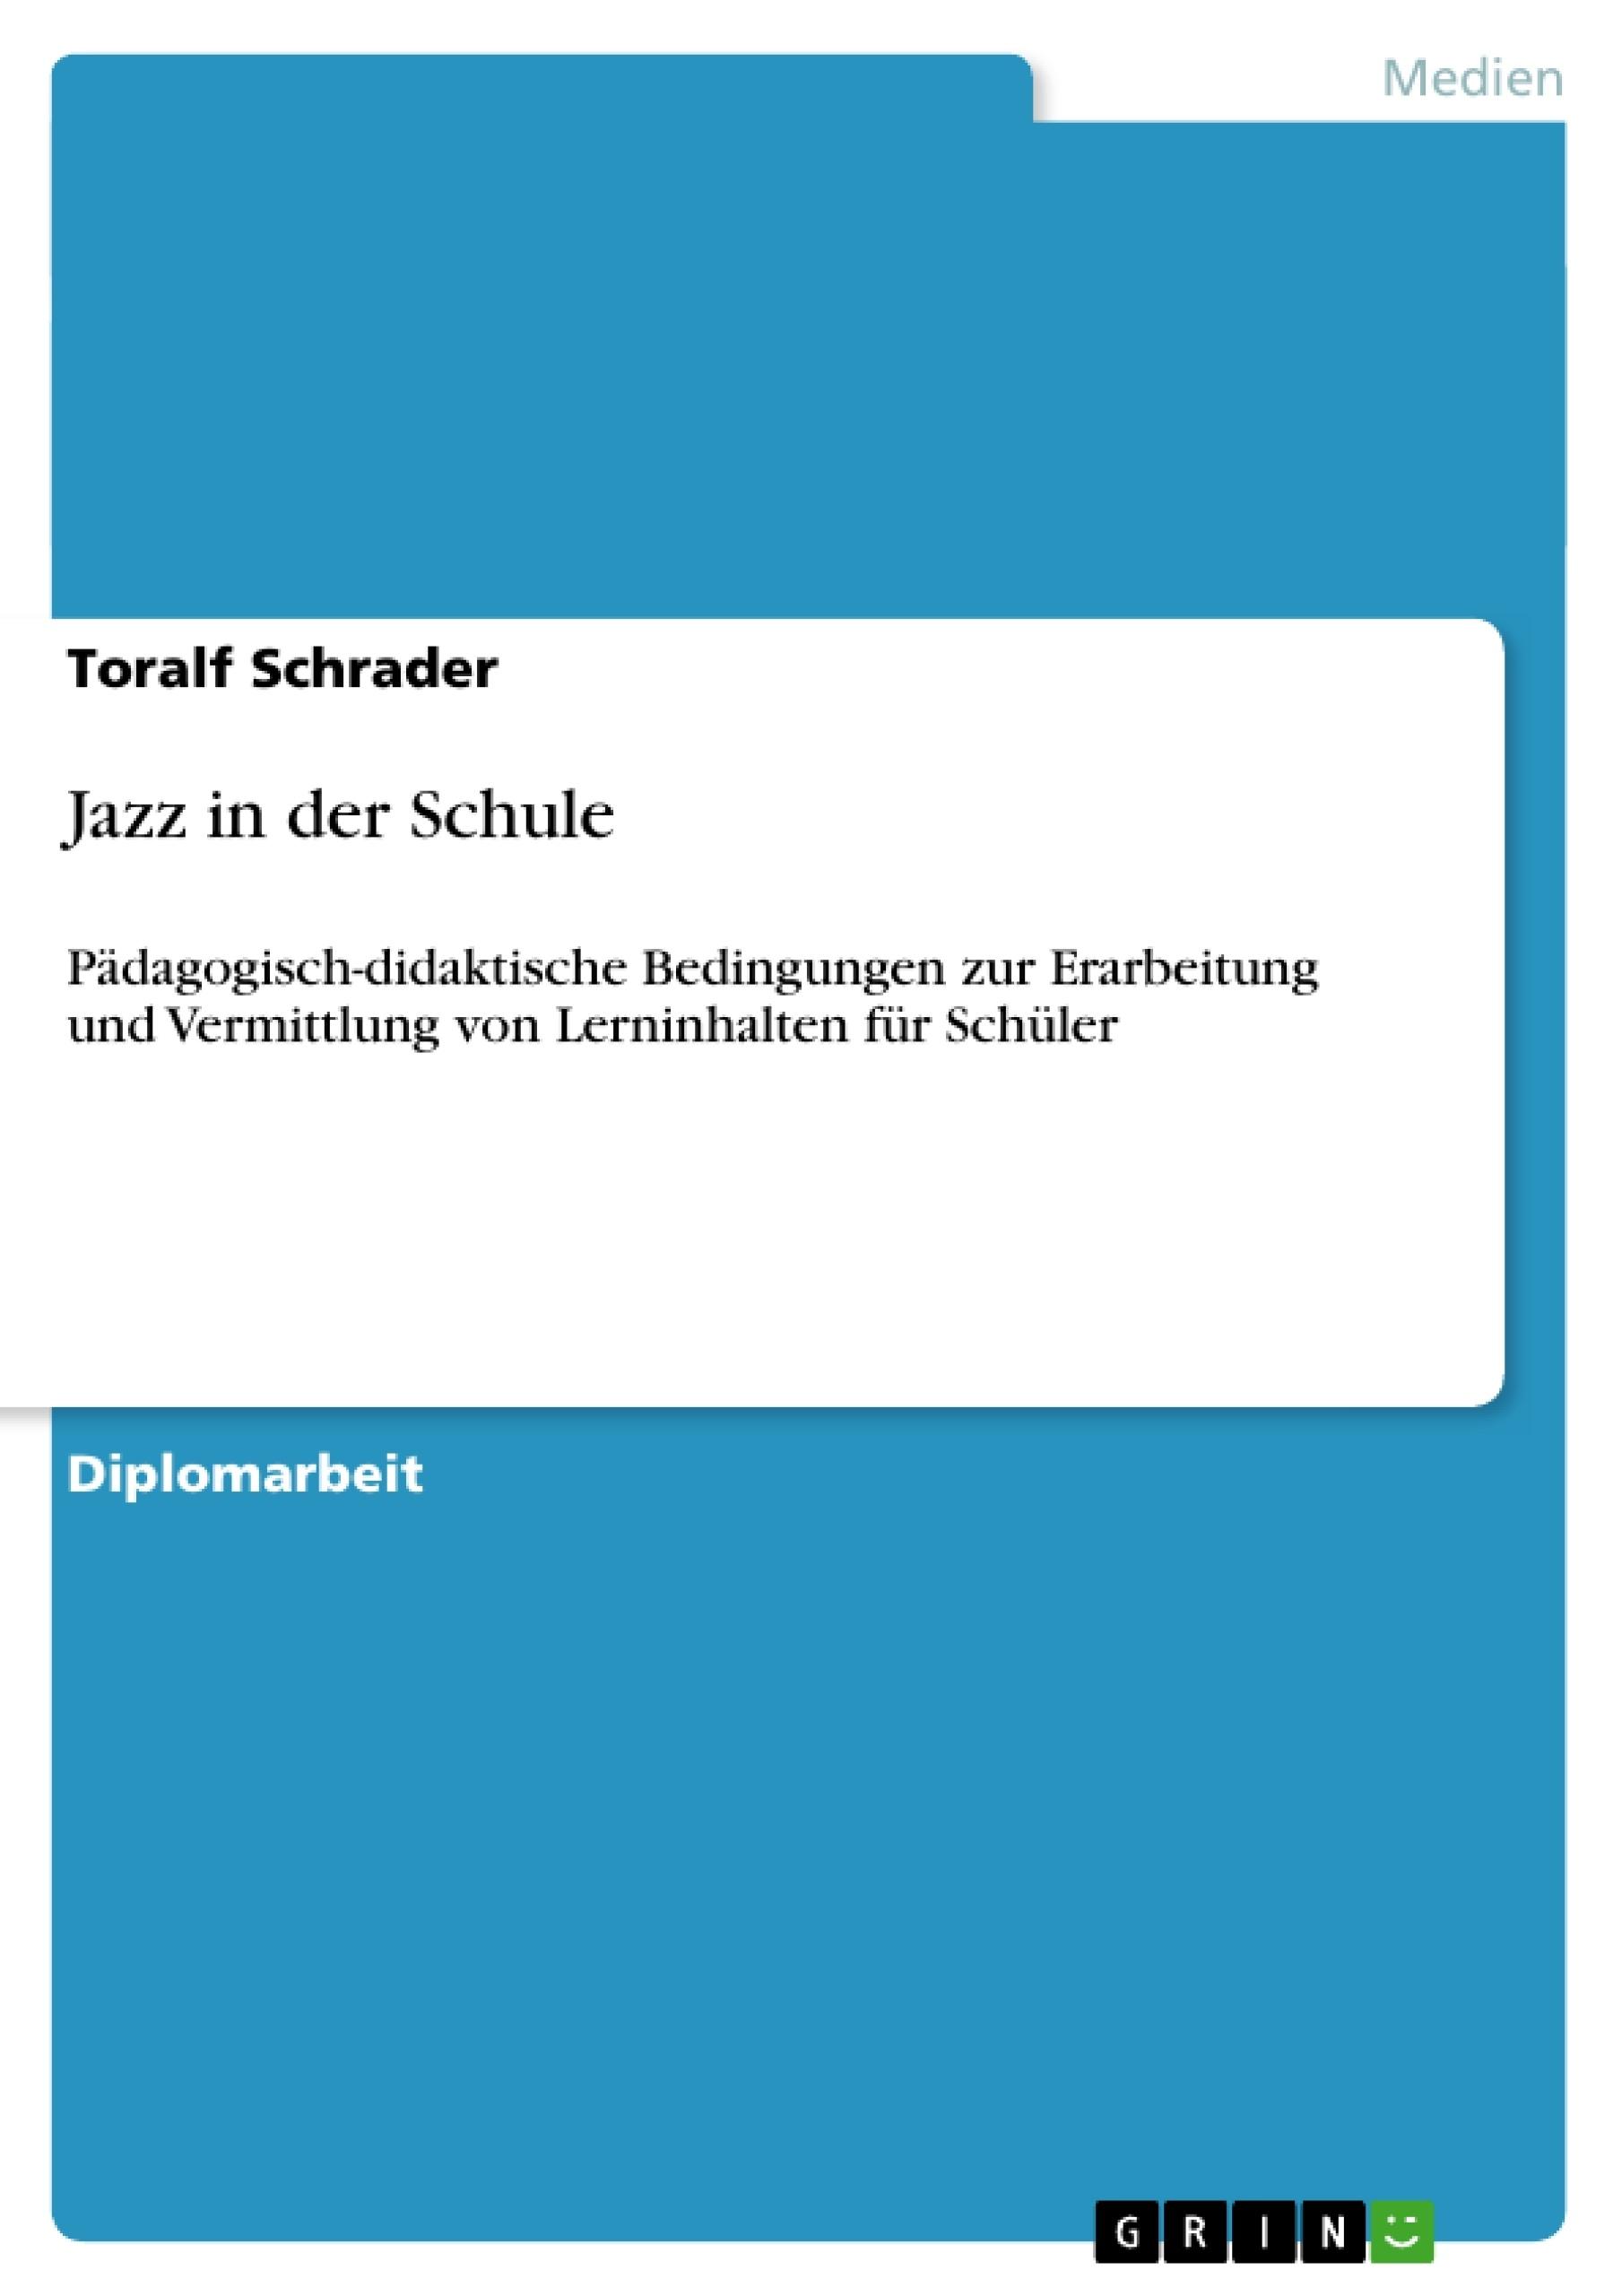 Titel: Jazz in der Schule